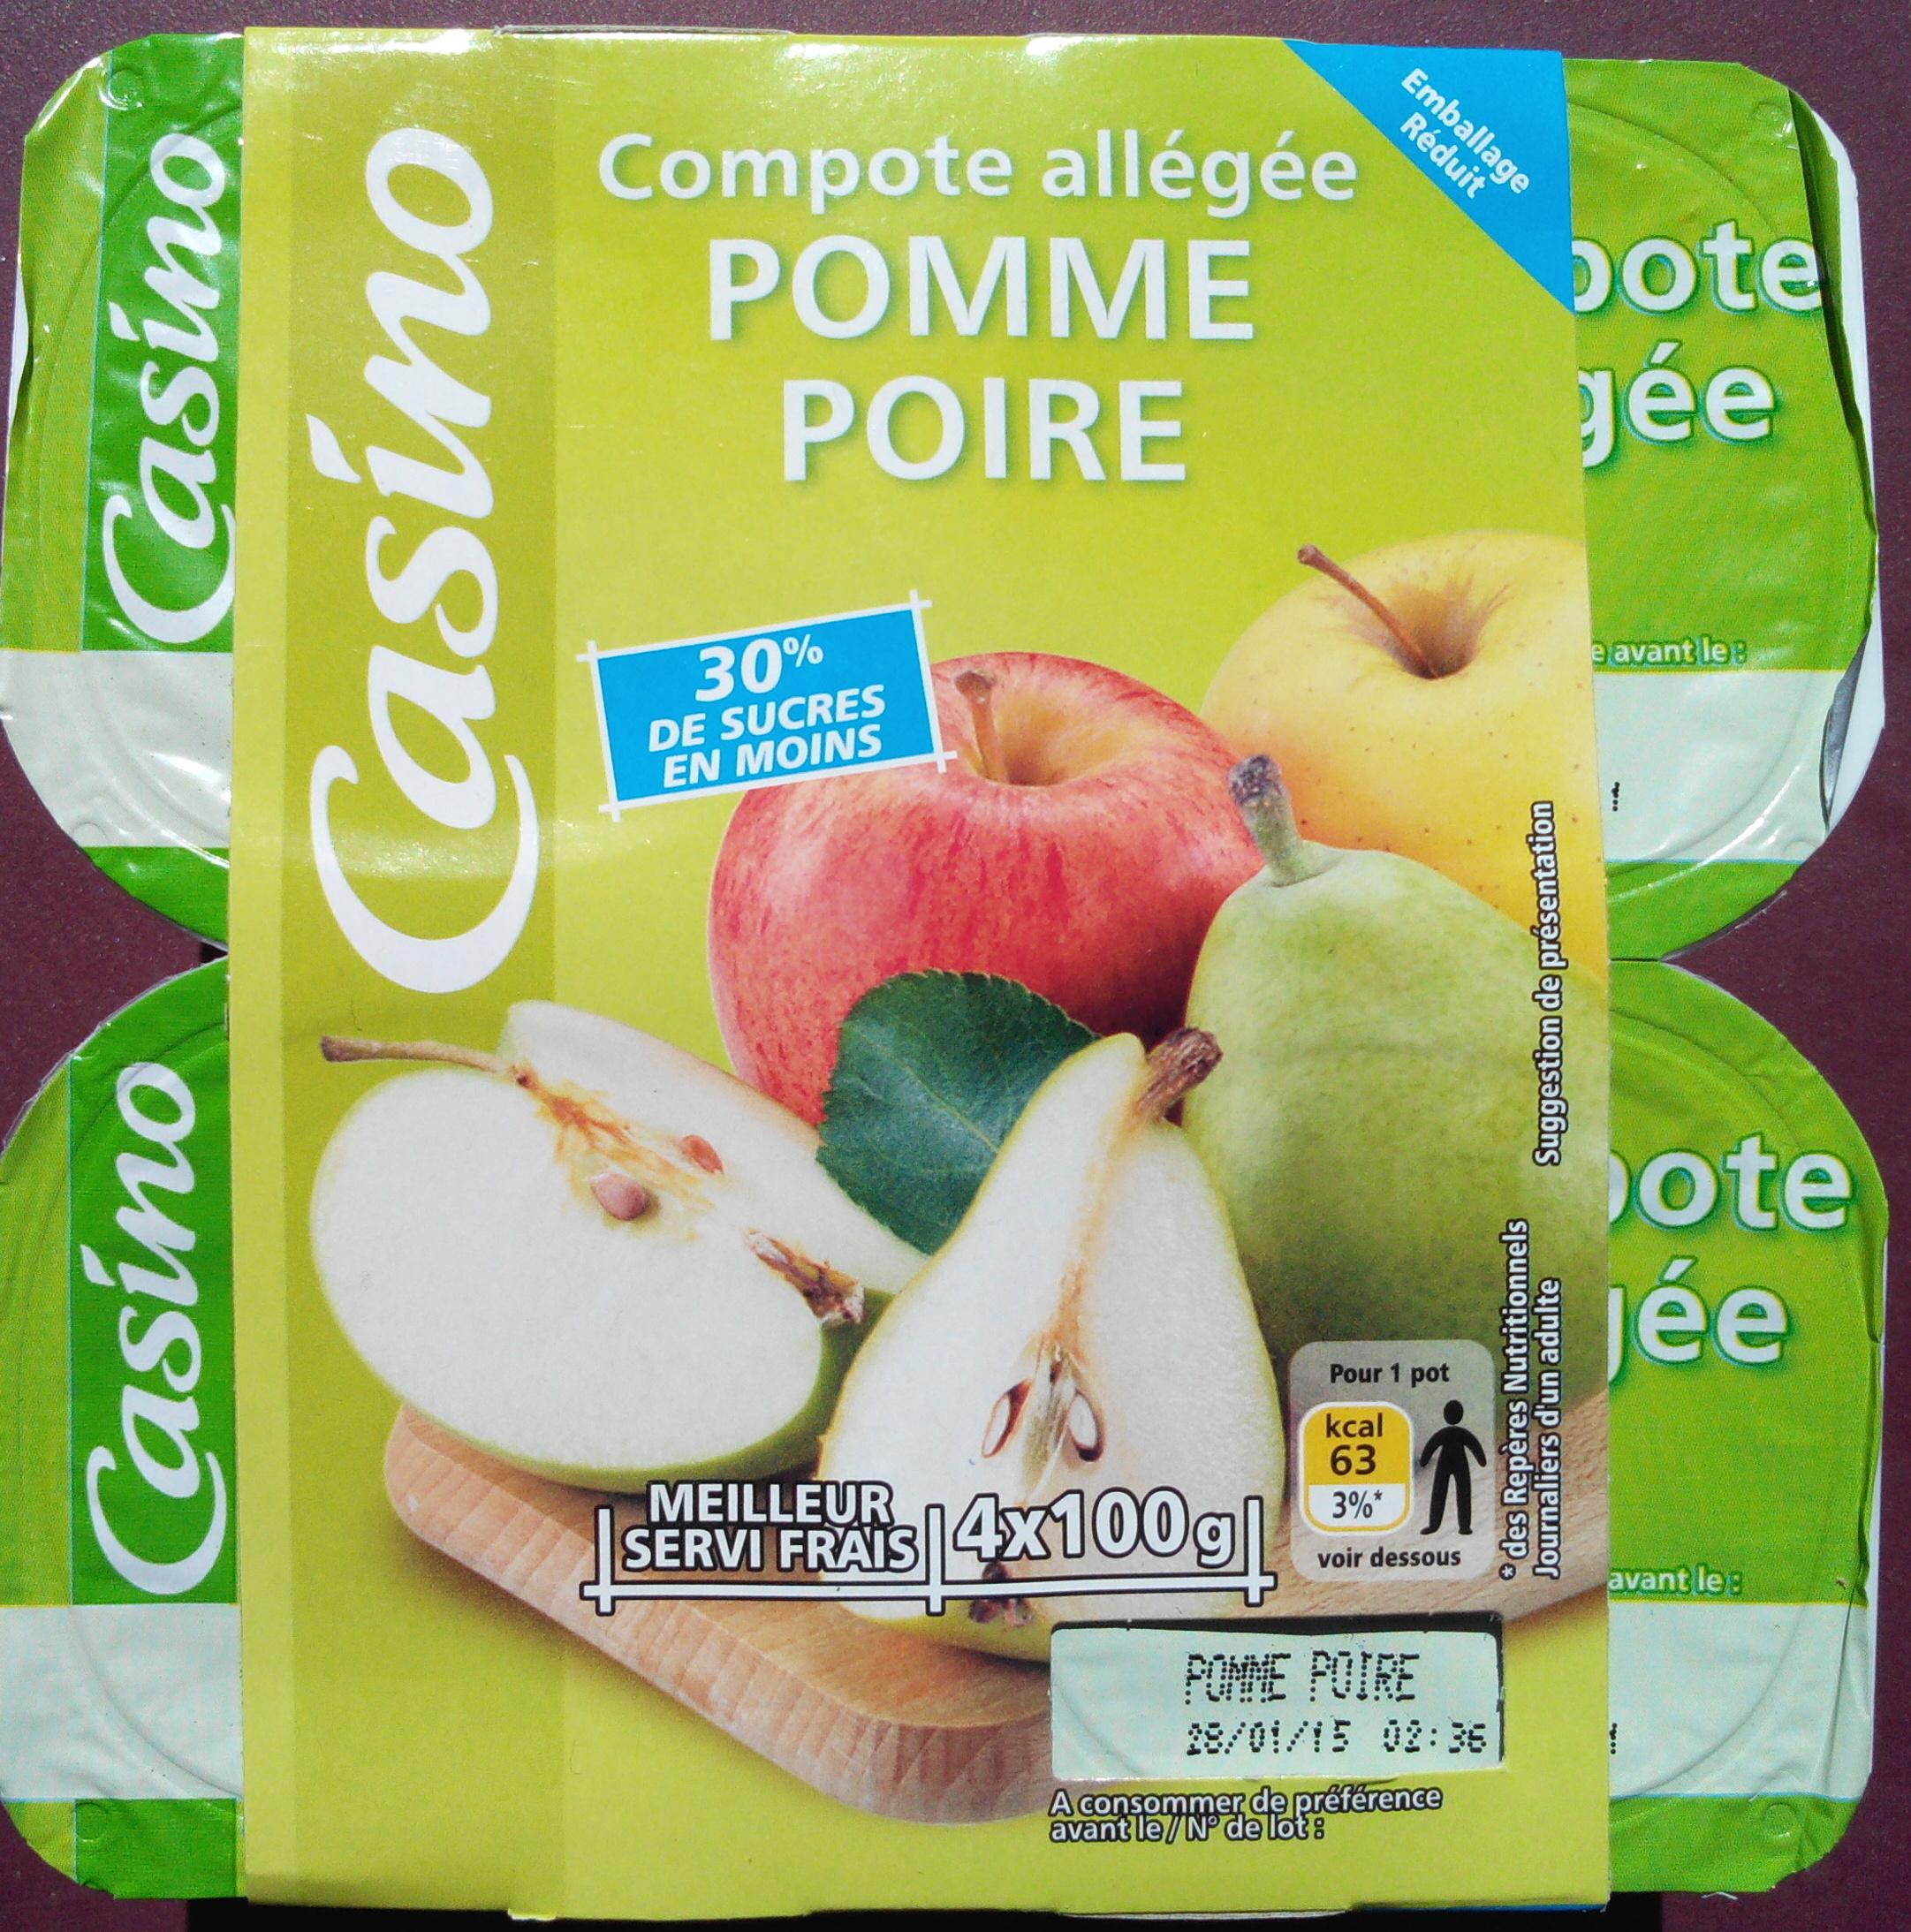 Compote Allégée Pommes Poires - Product